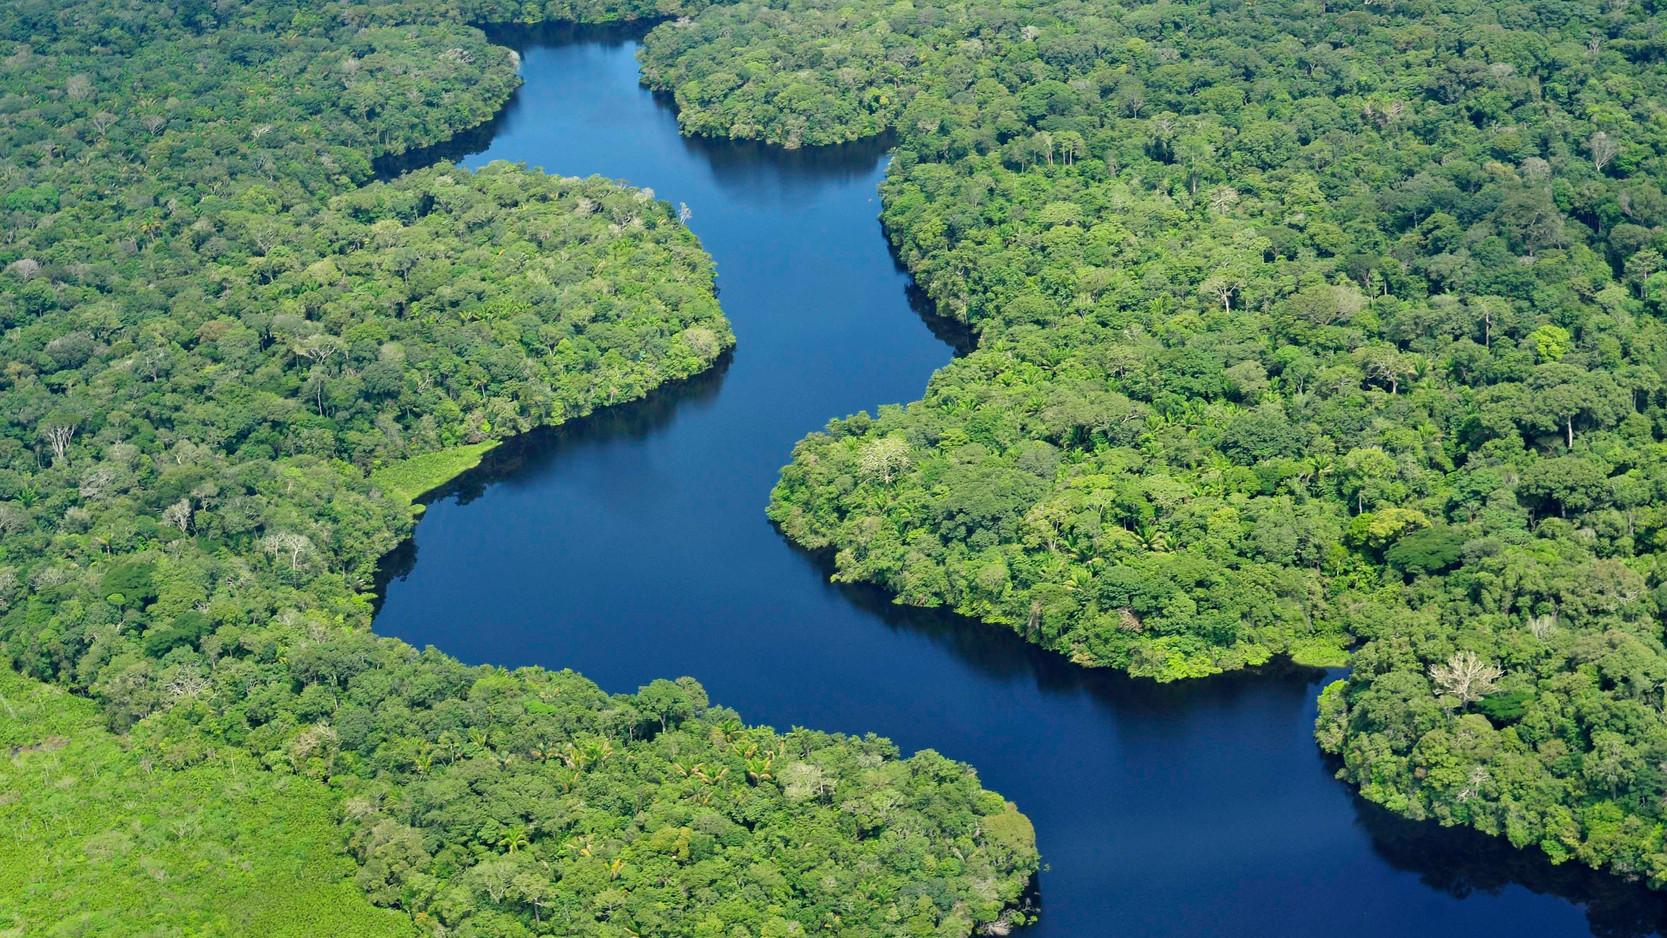 BRAZIL - AMAZON JUNGLE